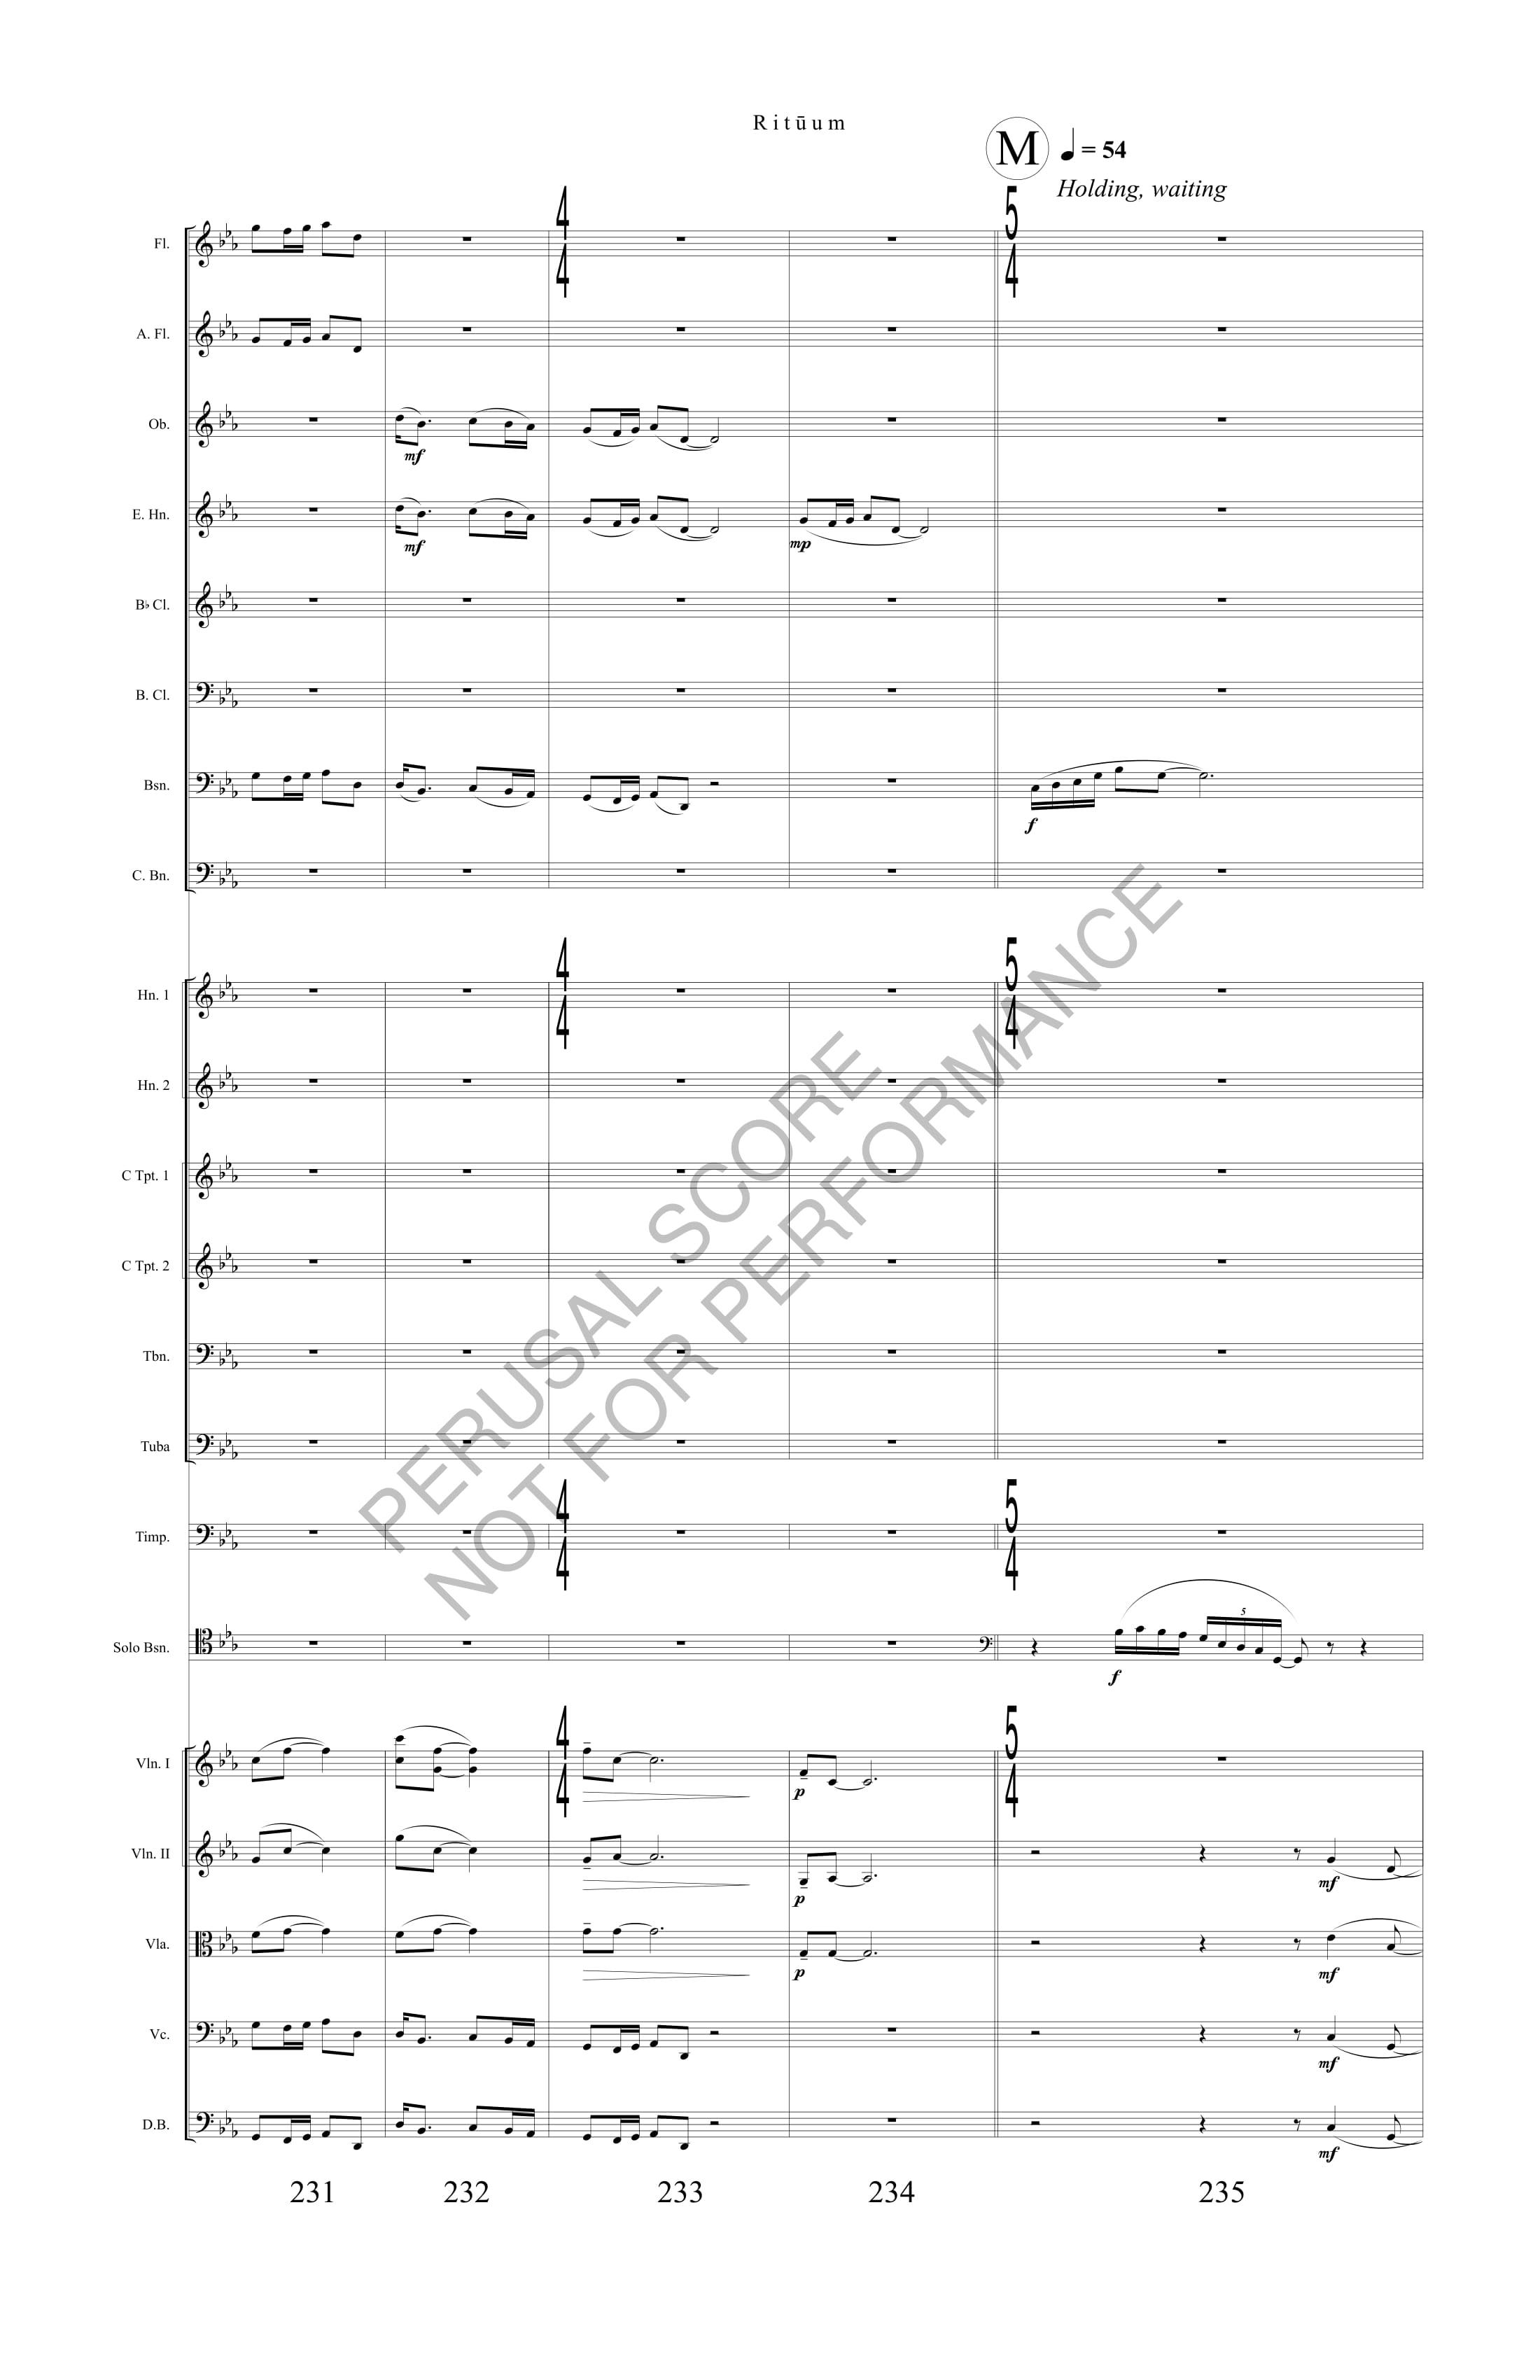 Boyd Rituum Score-watermark (1)-54.jpg